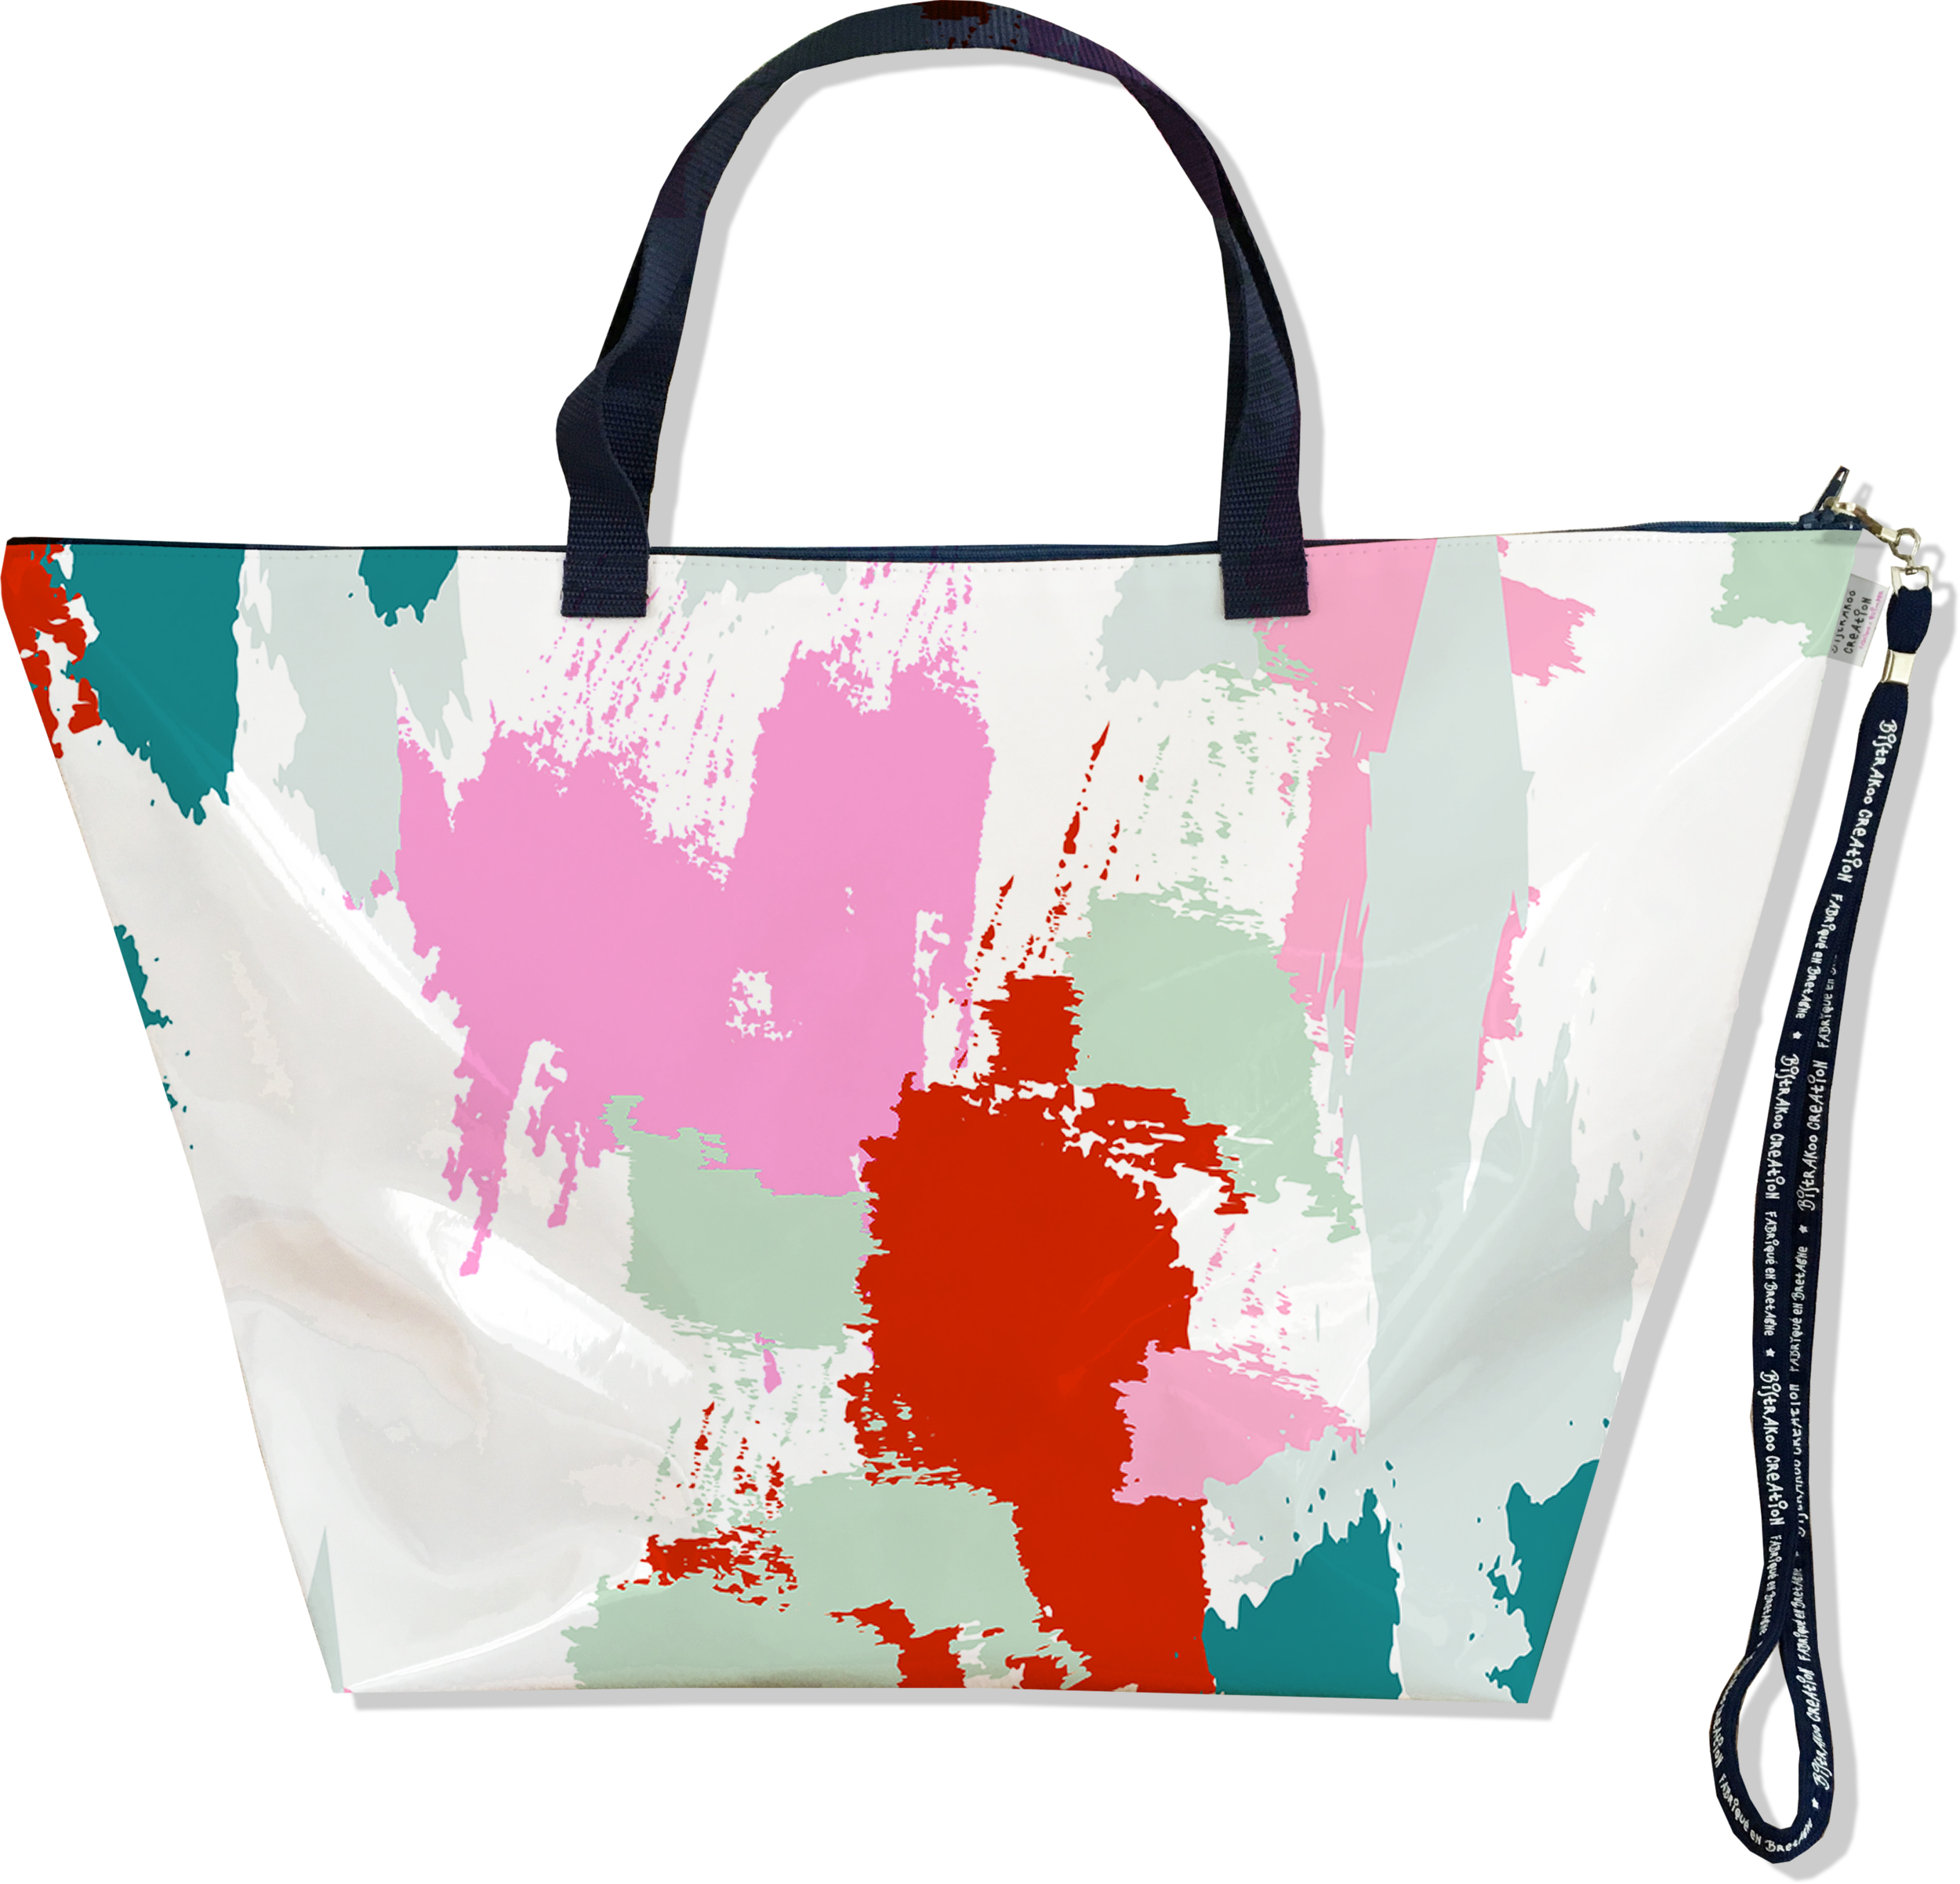 Grand Sac de voyage, sac week end pour femme motif Taches Peinture multicolores SW6001-2019